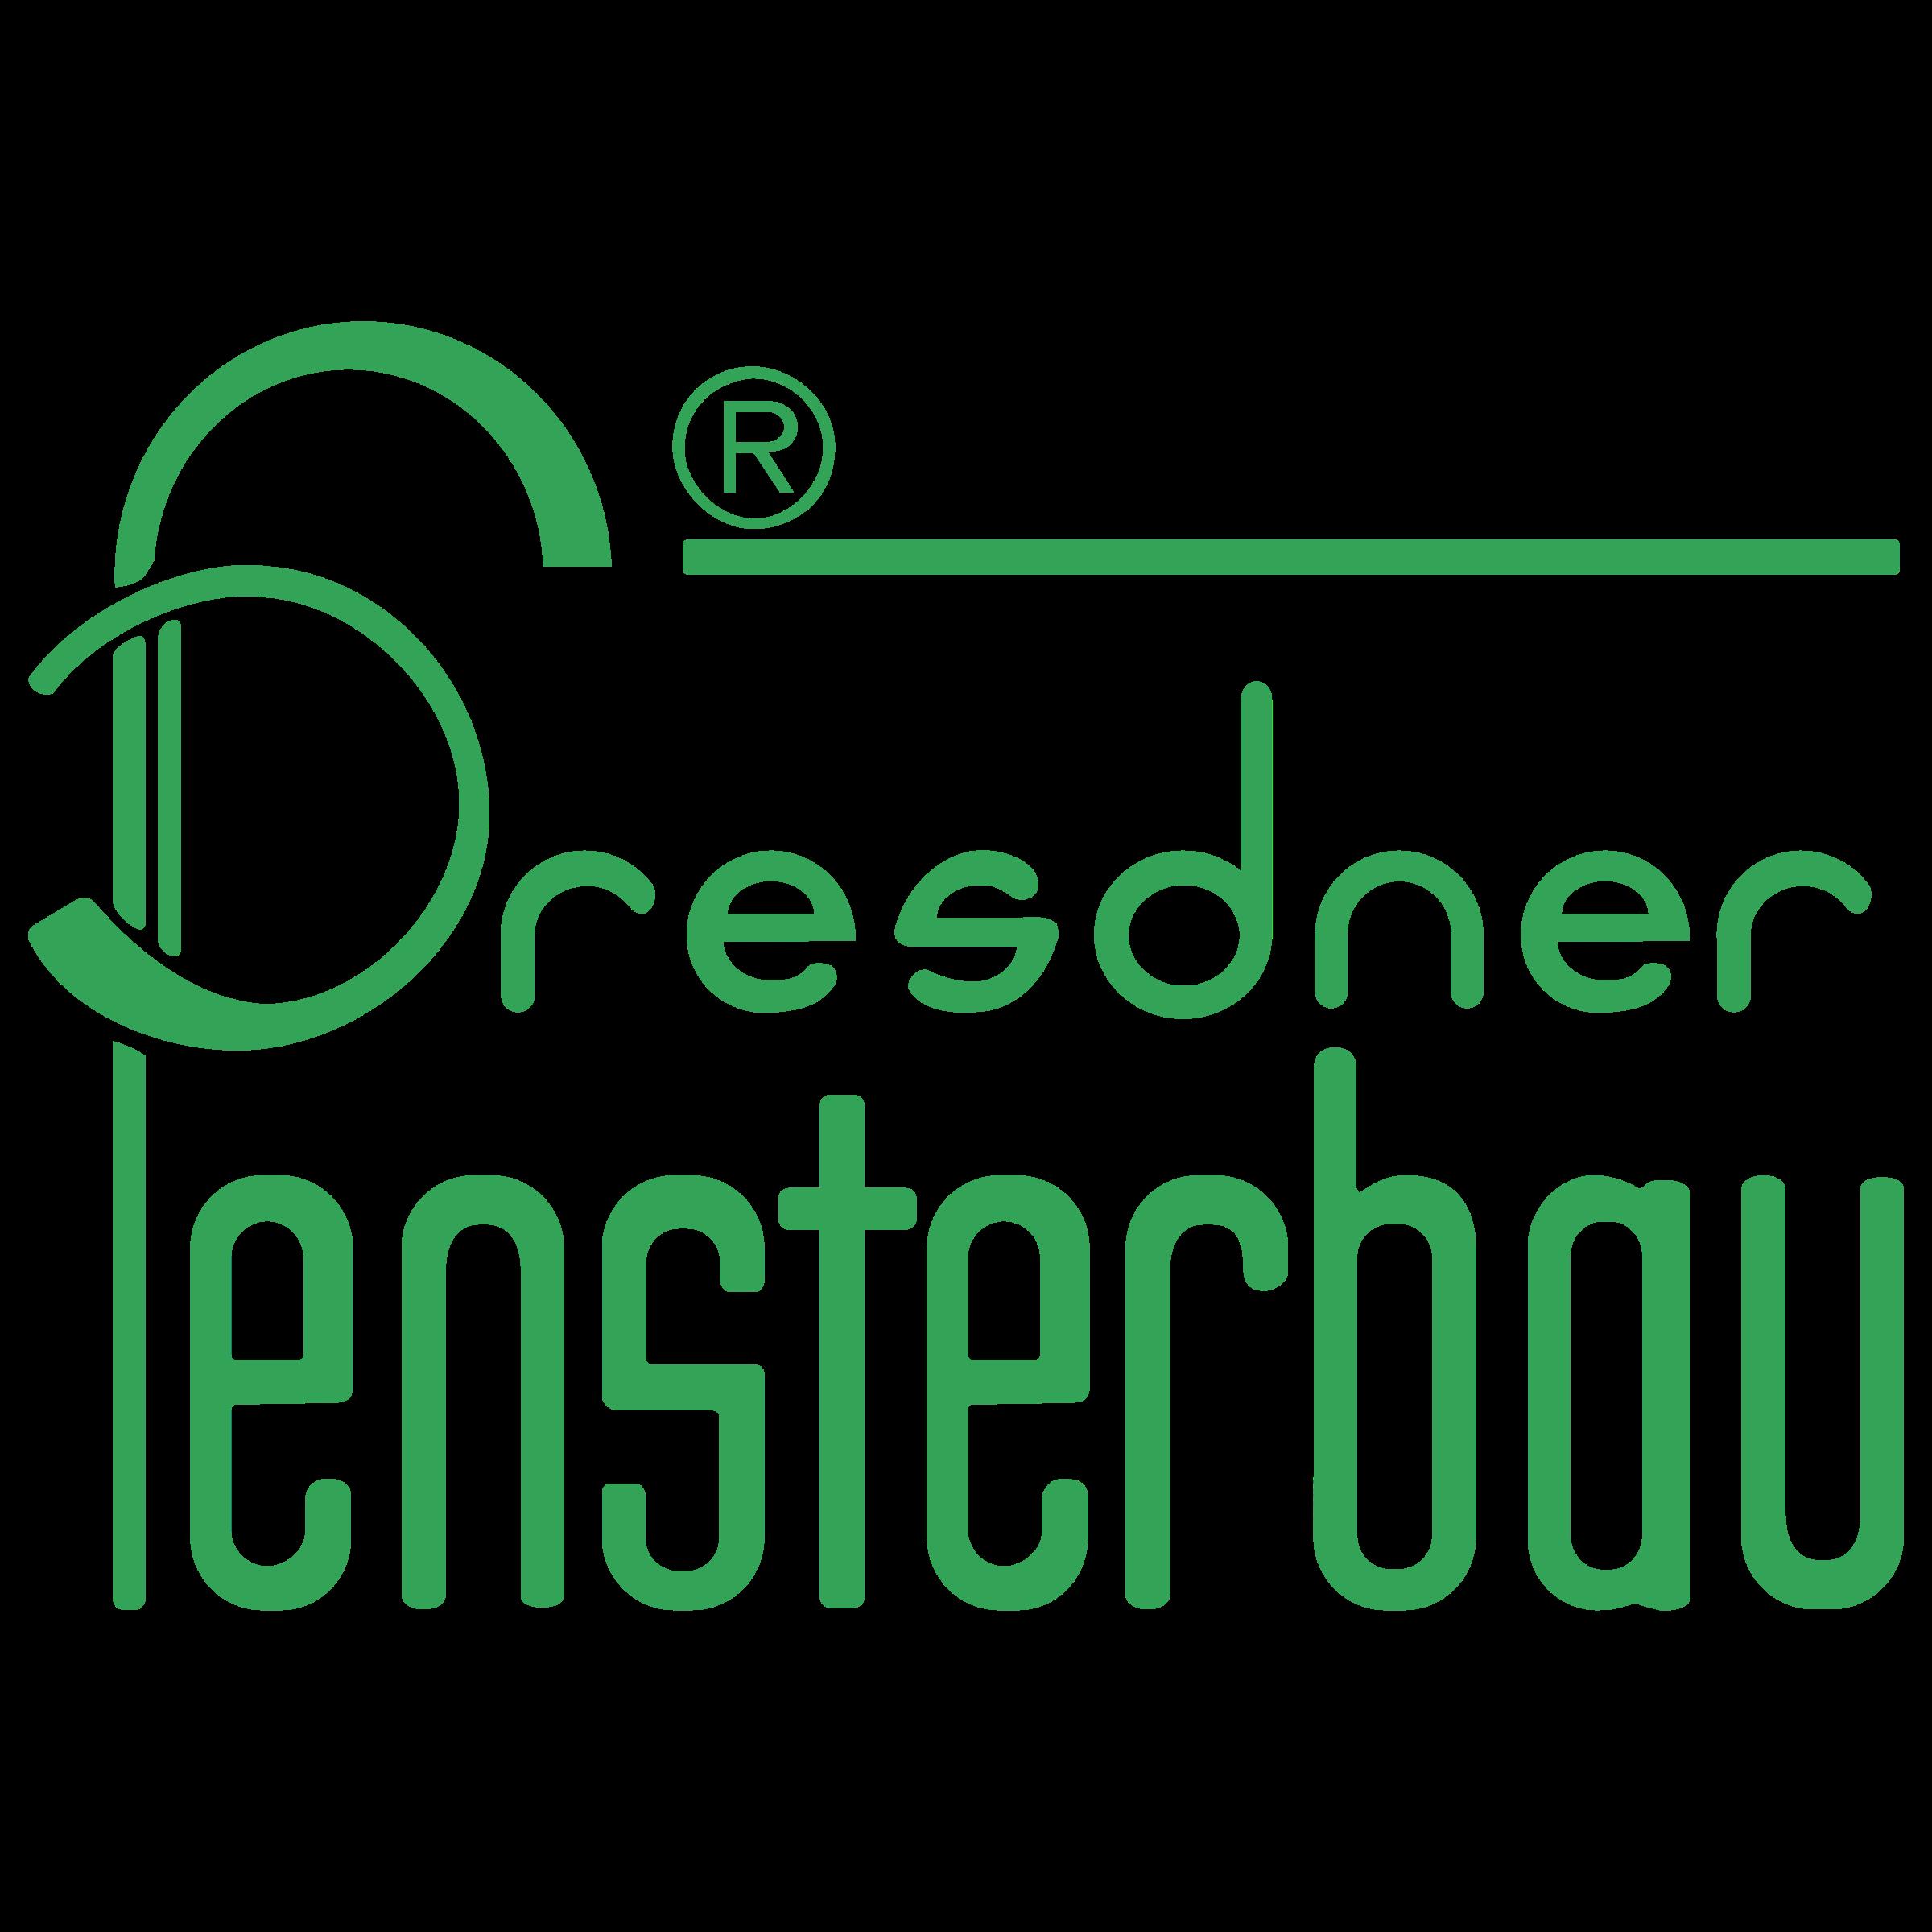 Penstenbrau Logo PNG Transparent & SVG Vector - Freebie Supply